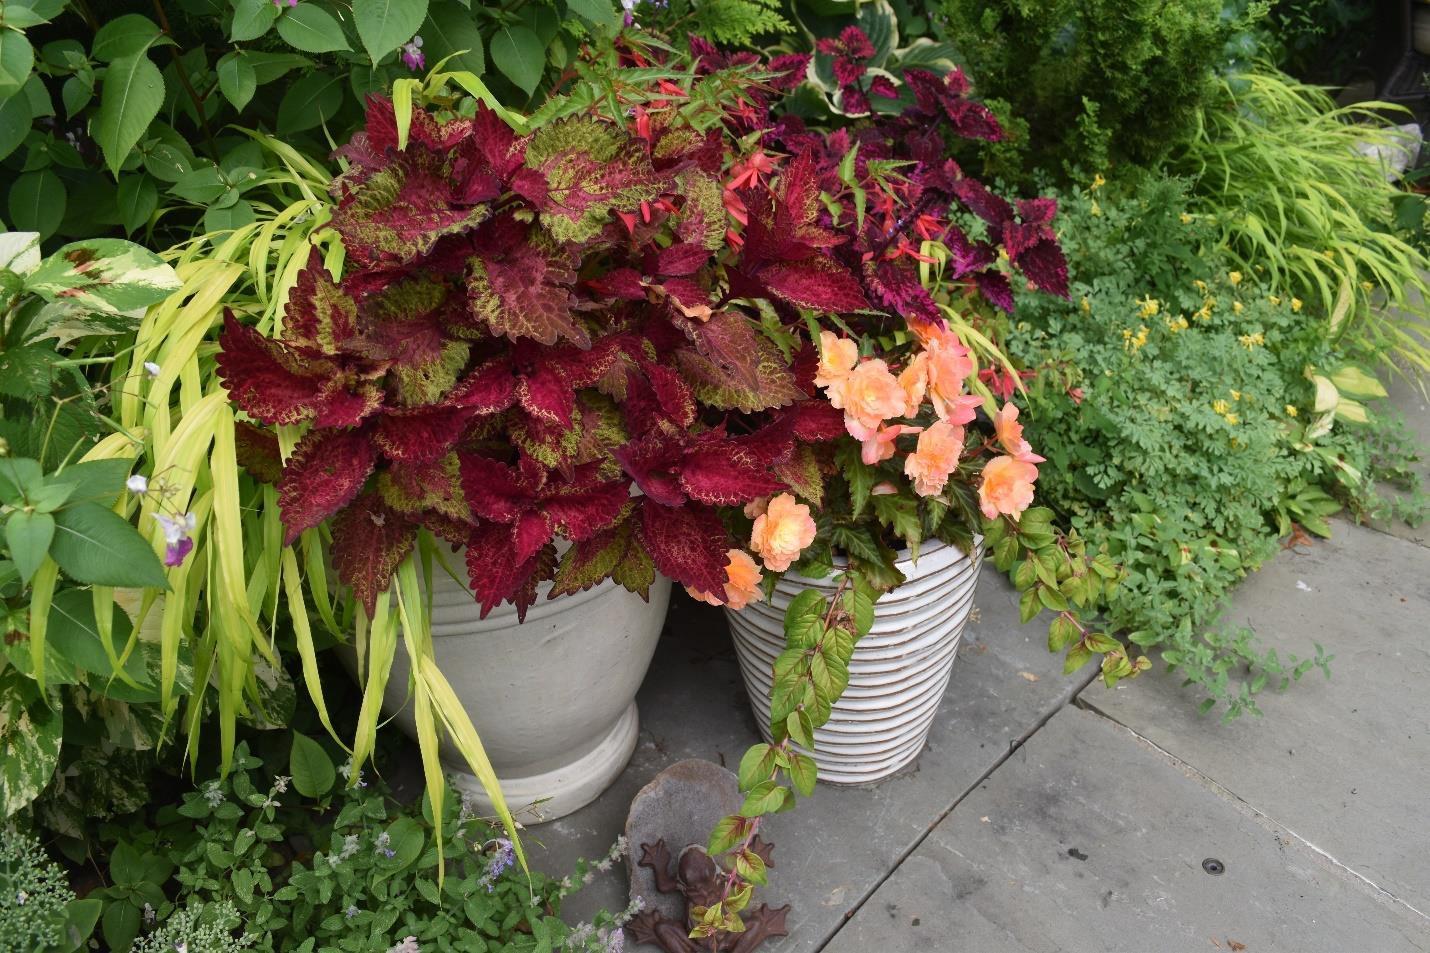 Coleus flower pot in front of green plants